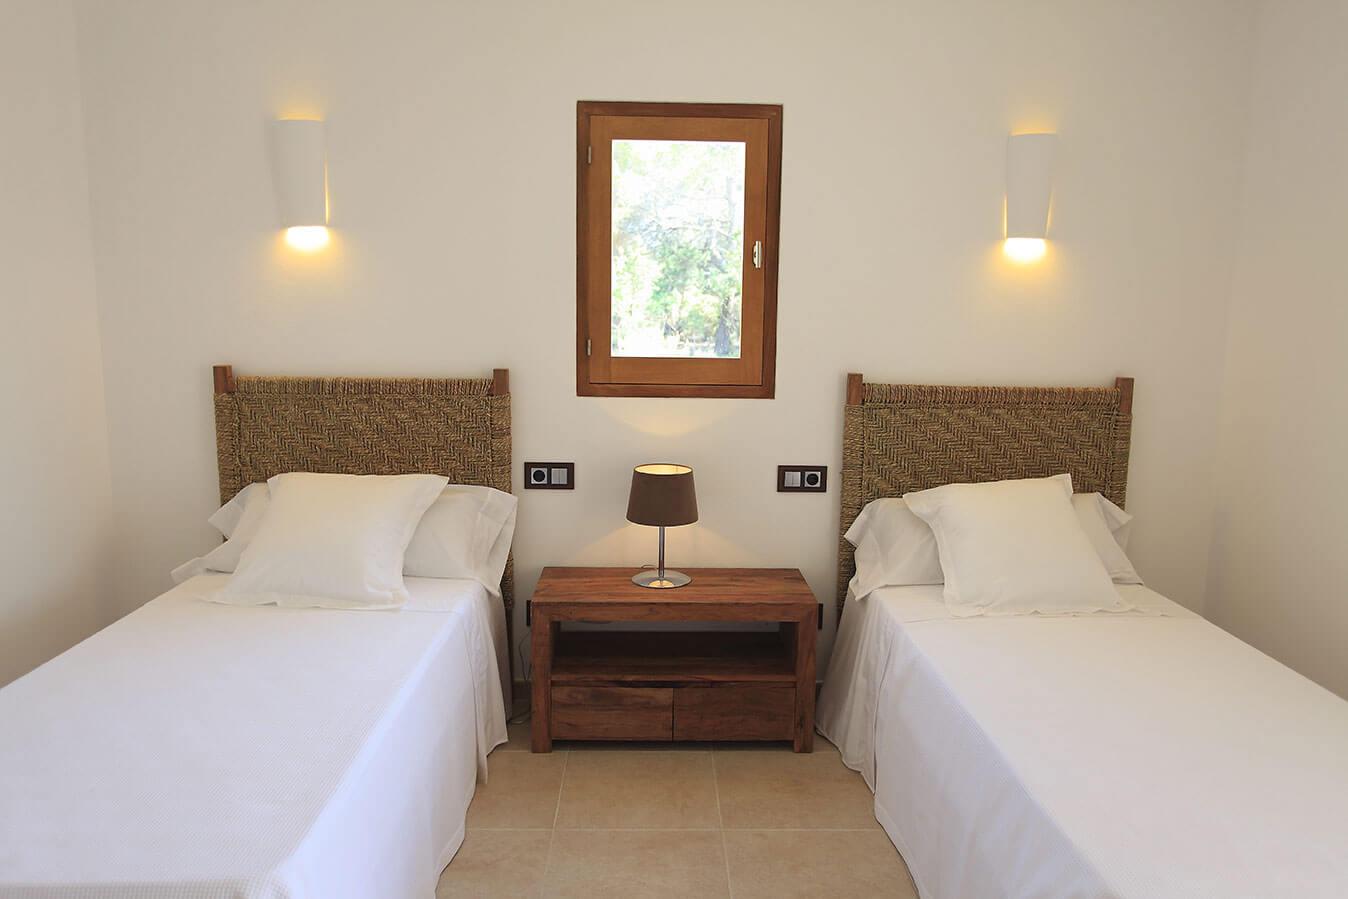 Habitación villa Can Cardona en Formentera. Casa rural lujosa con jardín y piscina.